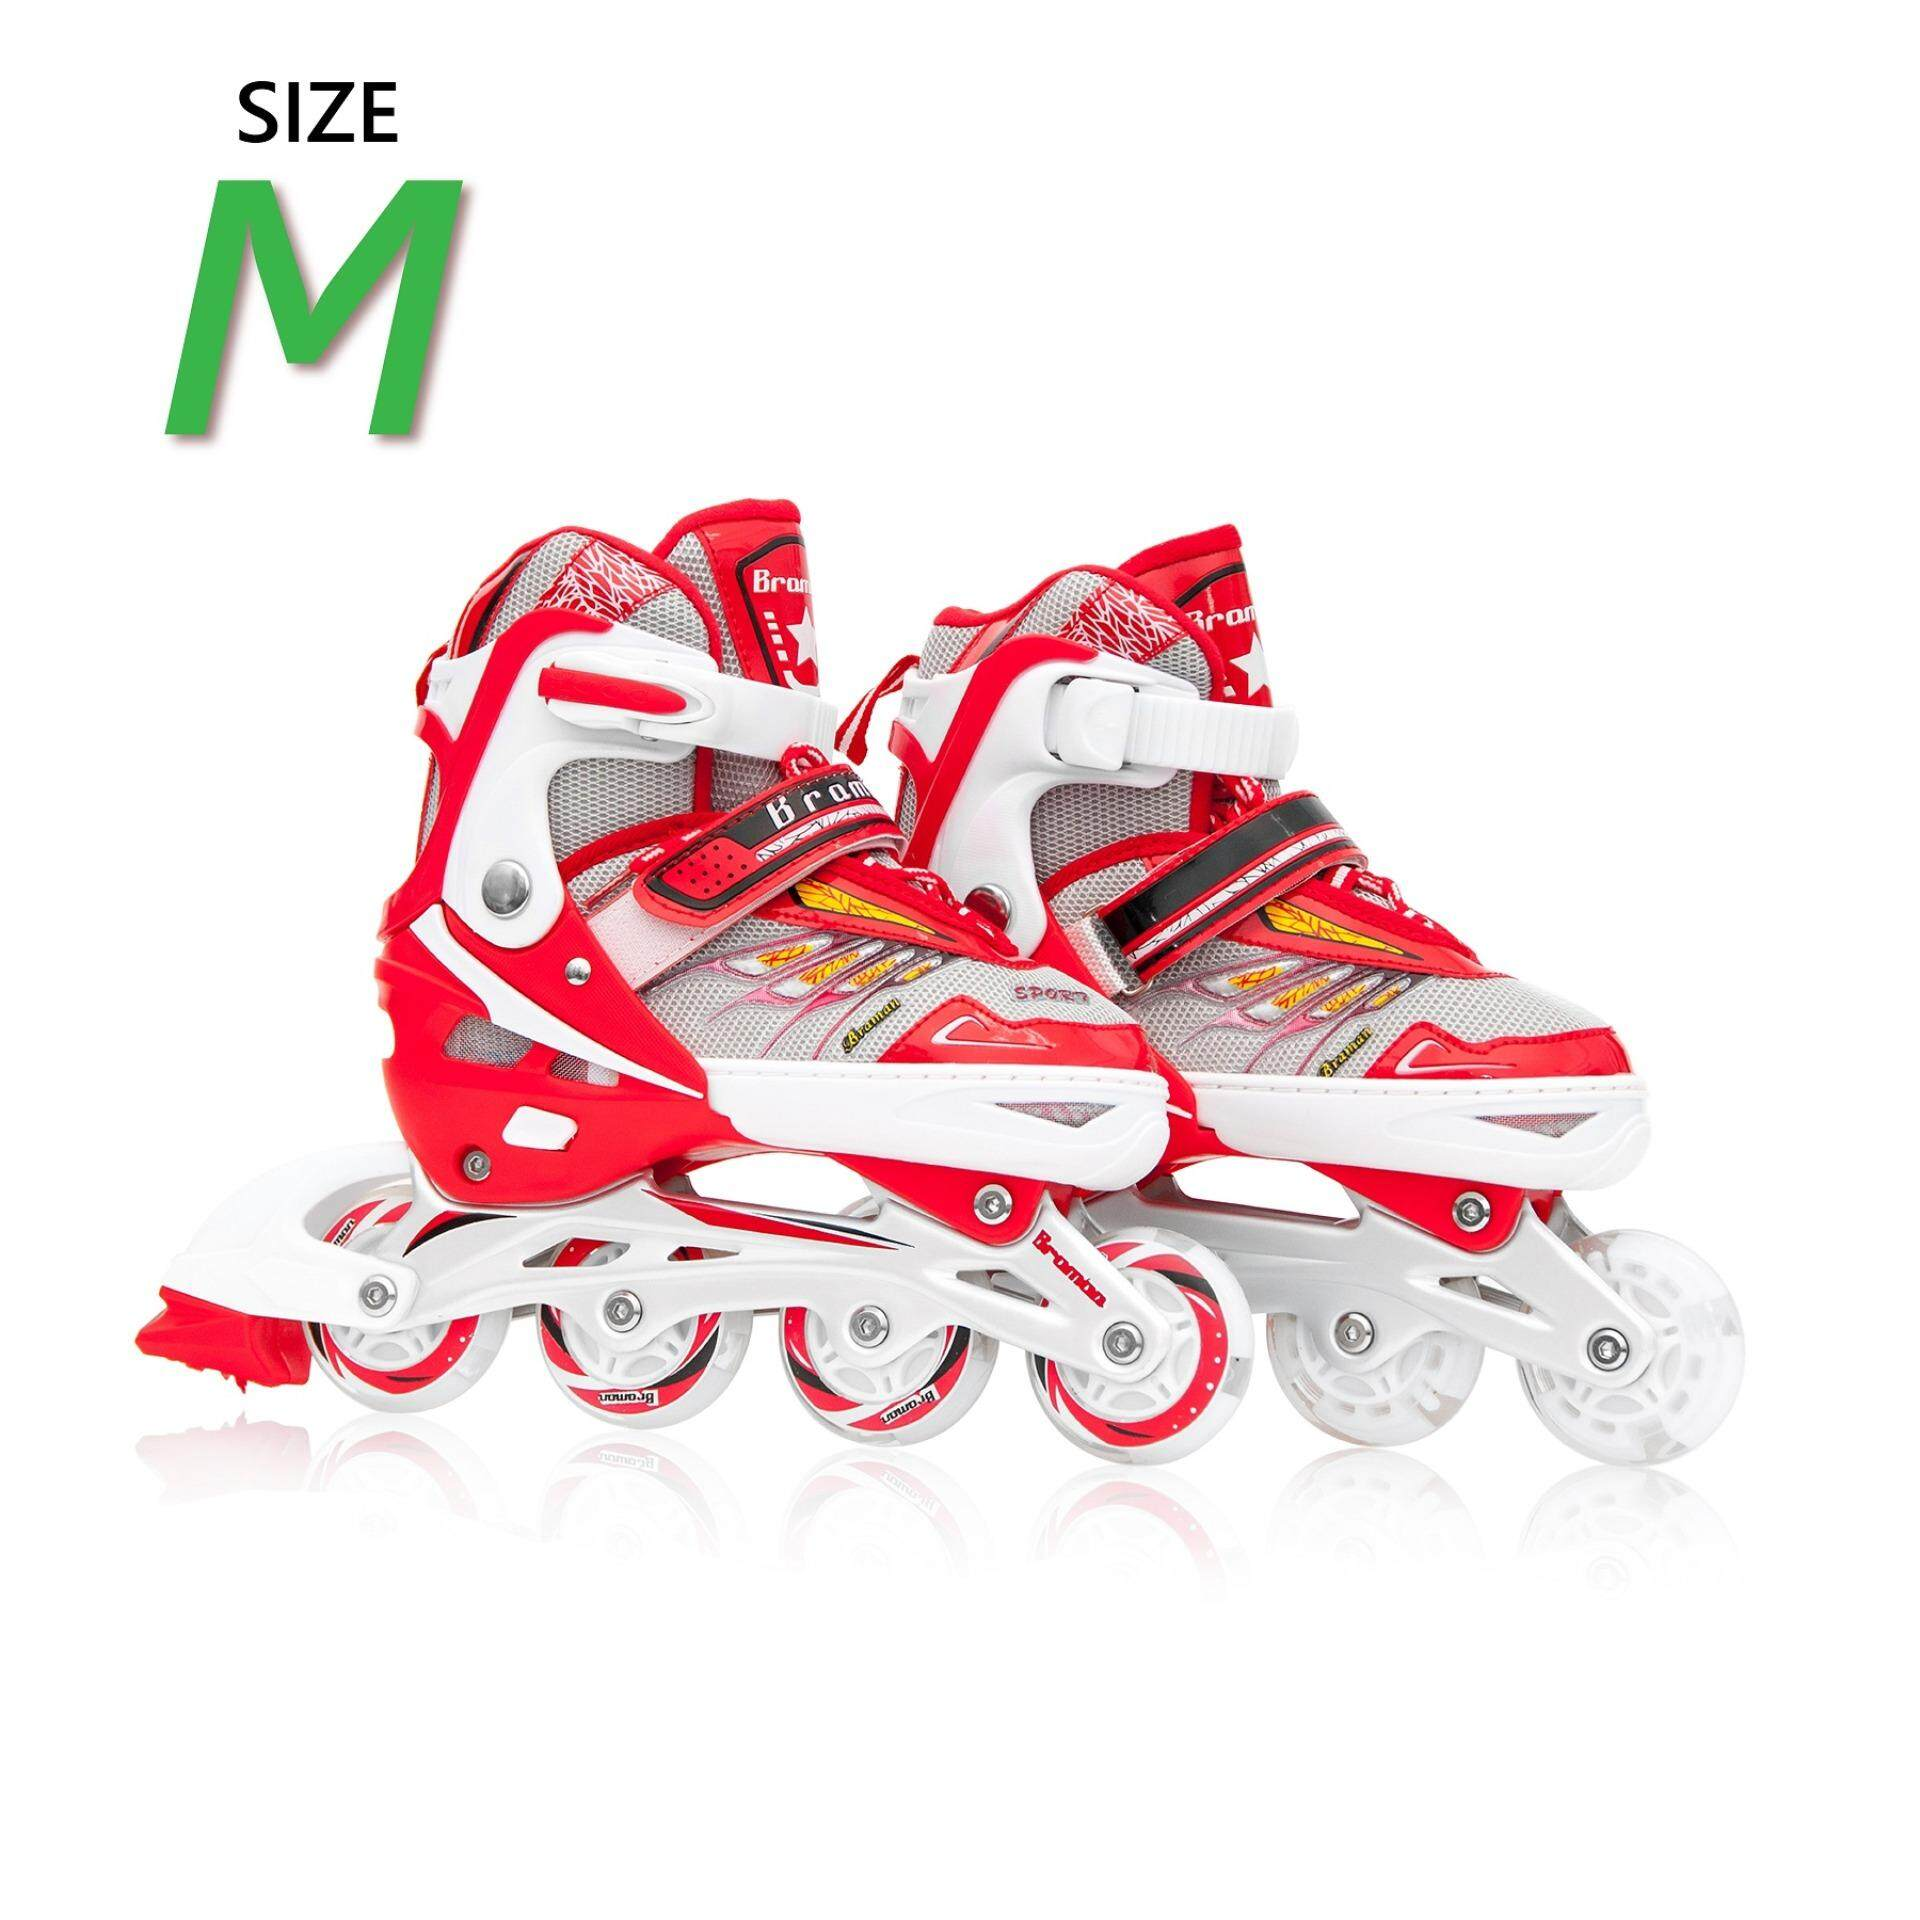 ราคา รองเท้าอินไลน์สเก็ต Premium Inline Skate Braman Aluminium Tracks Abec 7 Wheels With Lights 0416B Warranty 1 Year เบอร์ 28 32 Red M Promark ไทย